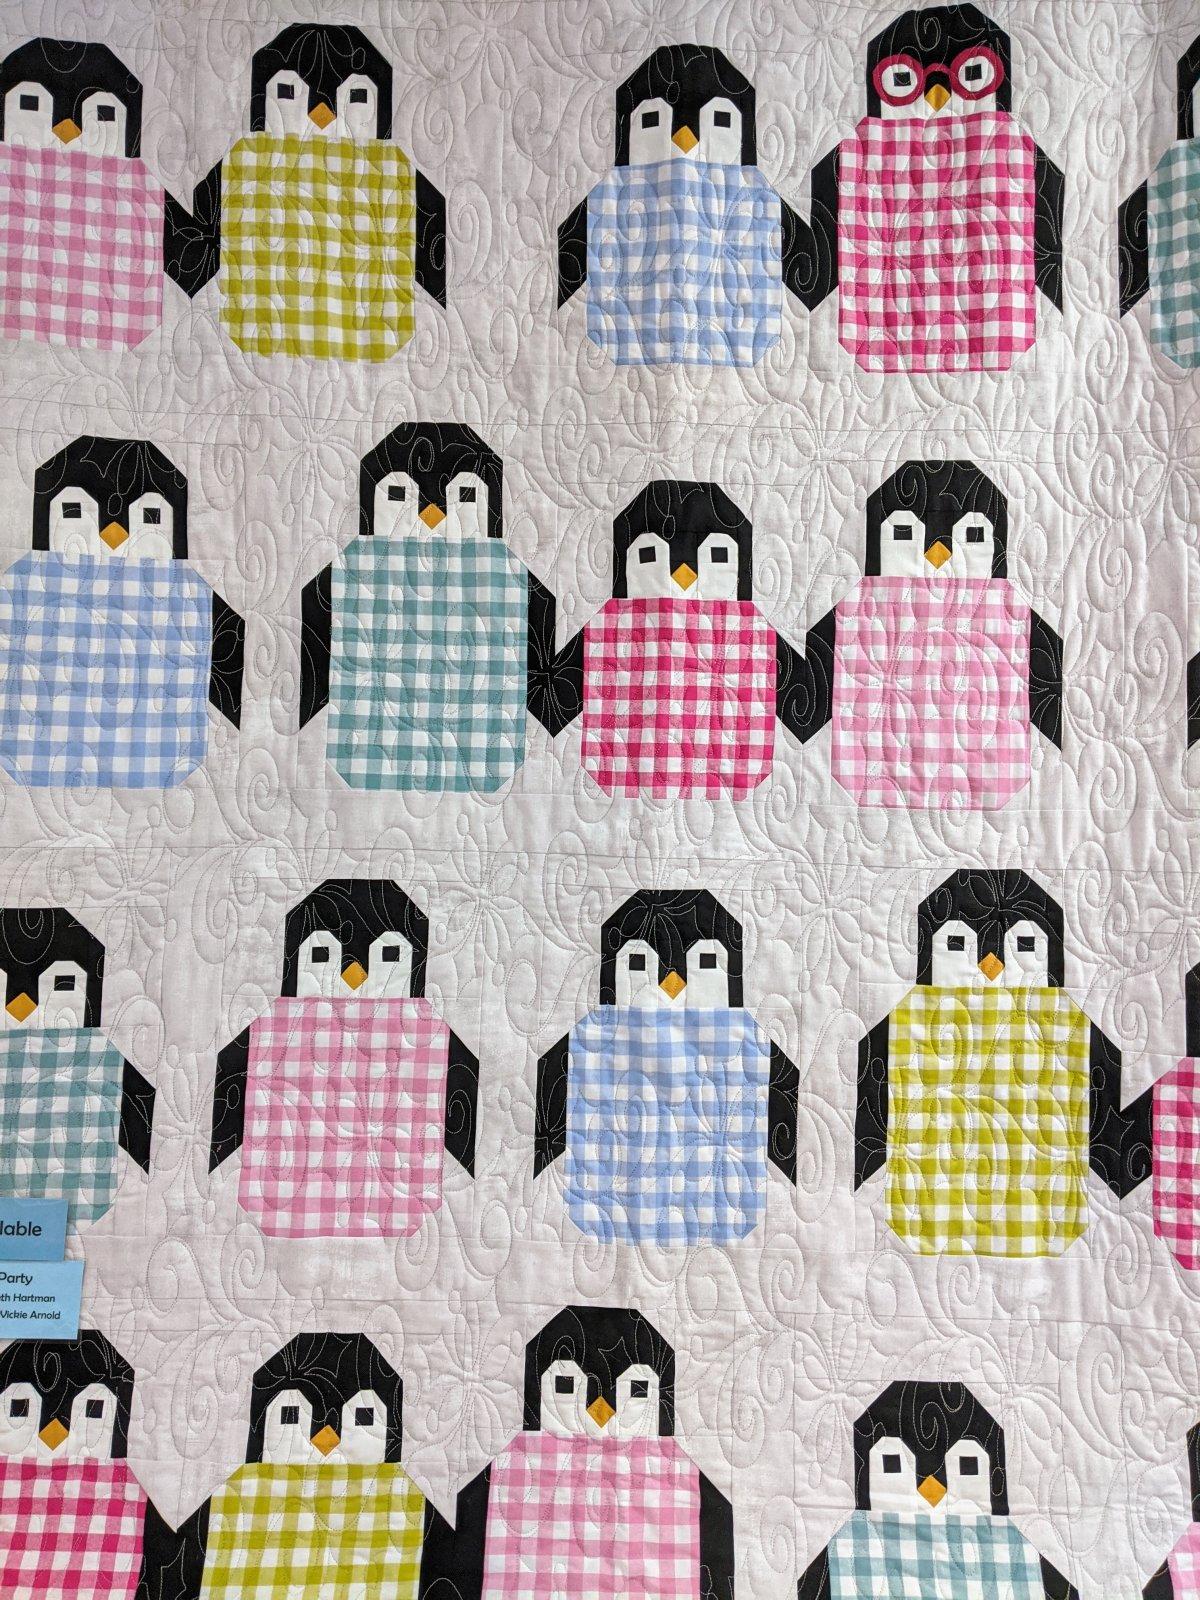 Kit Penguin Party Gingham